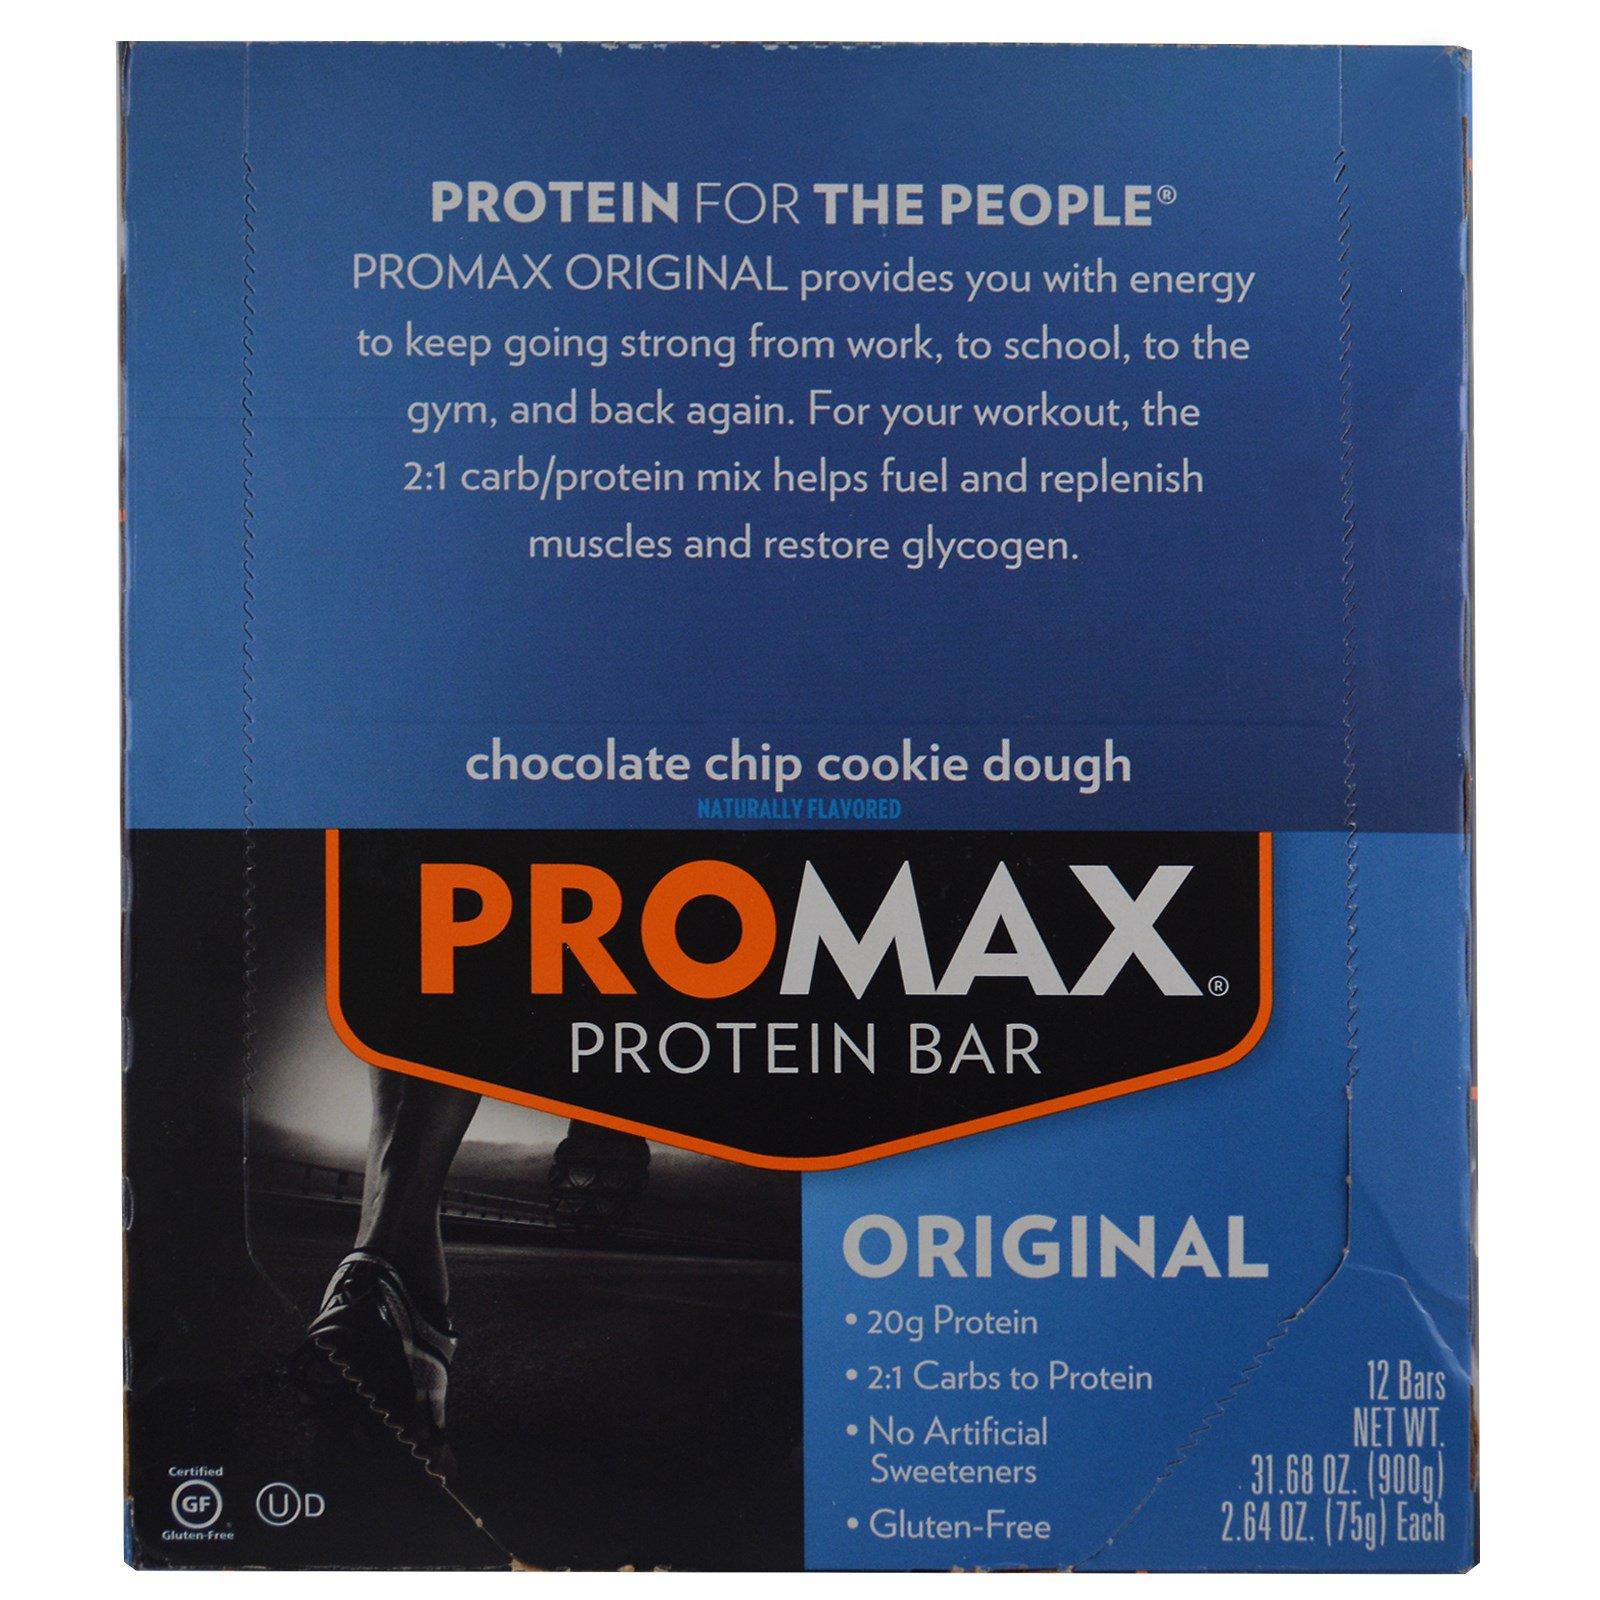 Promax Nutrition, Протеиновый батончик, оригинальный, шоколадная крошка, 12 батончиков, 2,64 унц. (75 г) в каждом